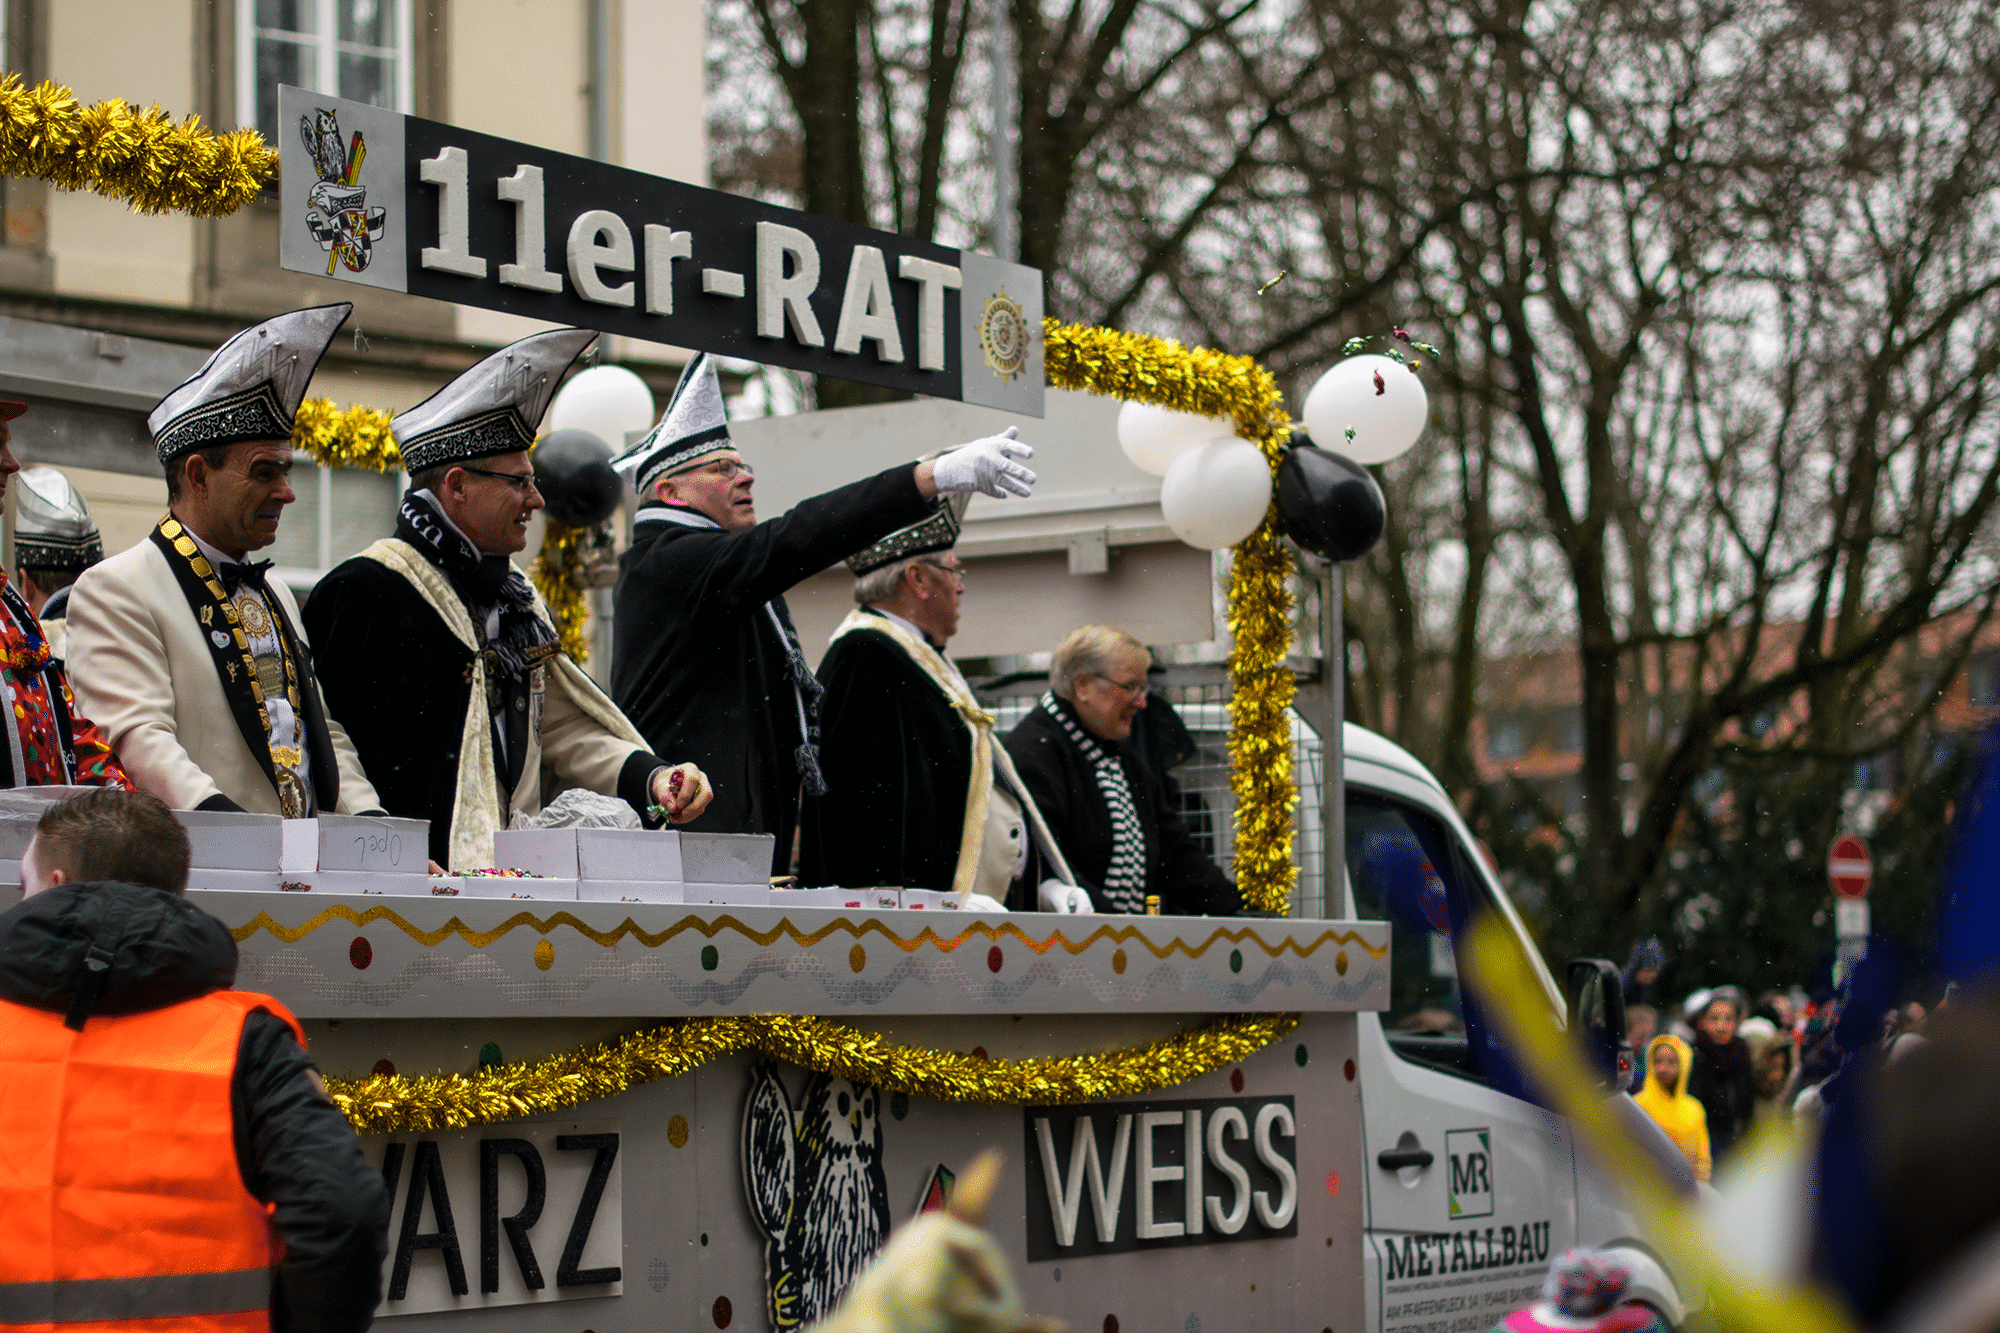 Am 3. März findet der große Faschingsumzug durch die Innenstadt statt.